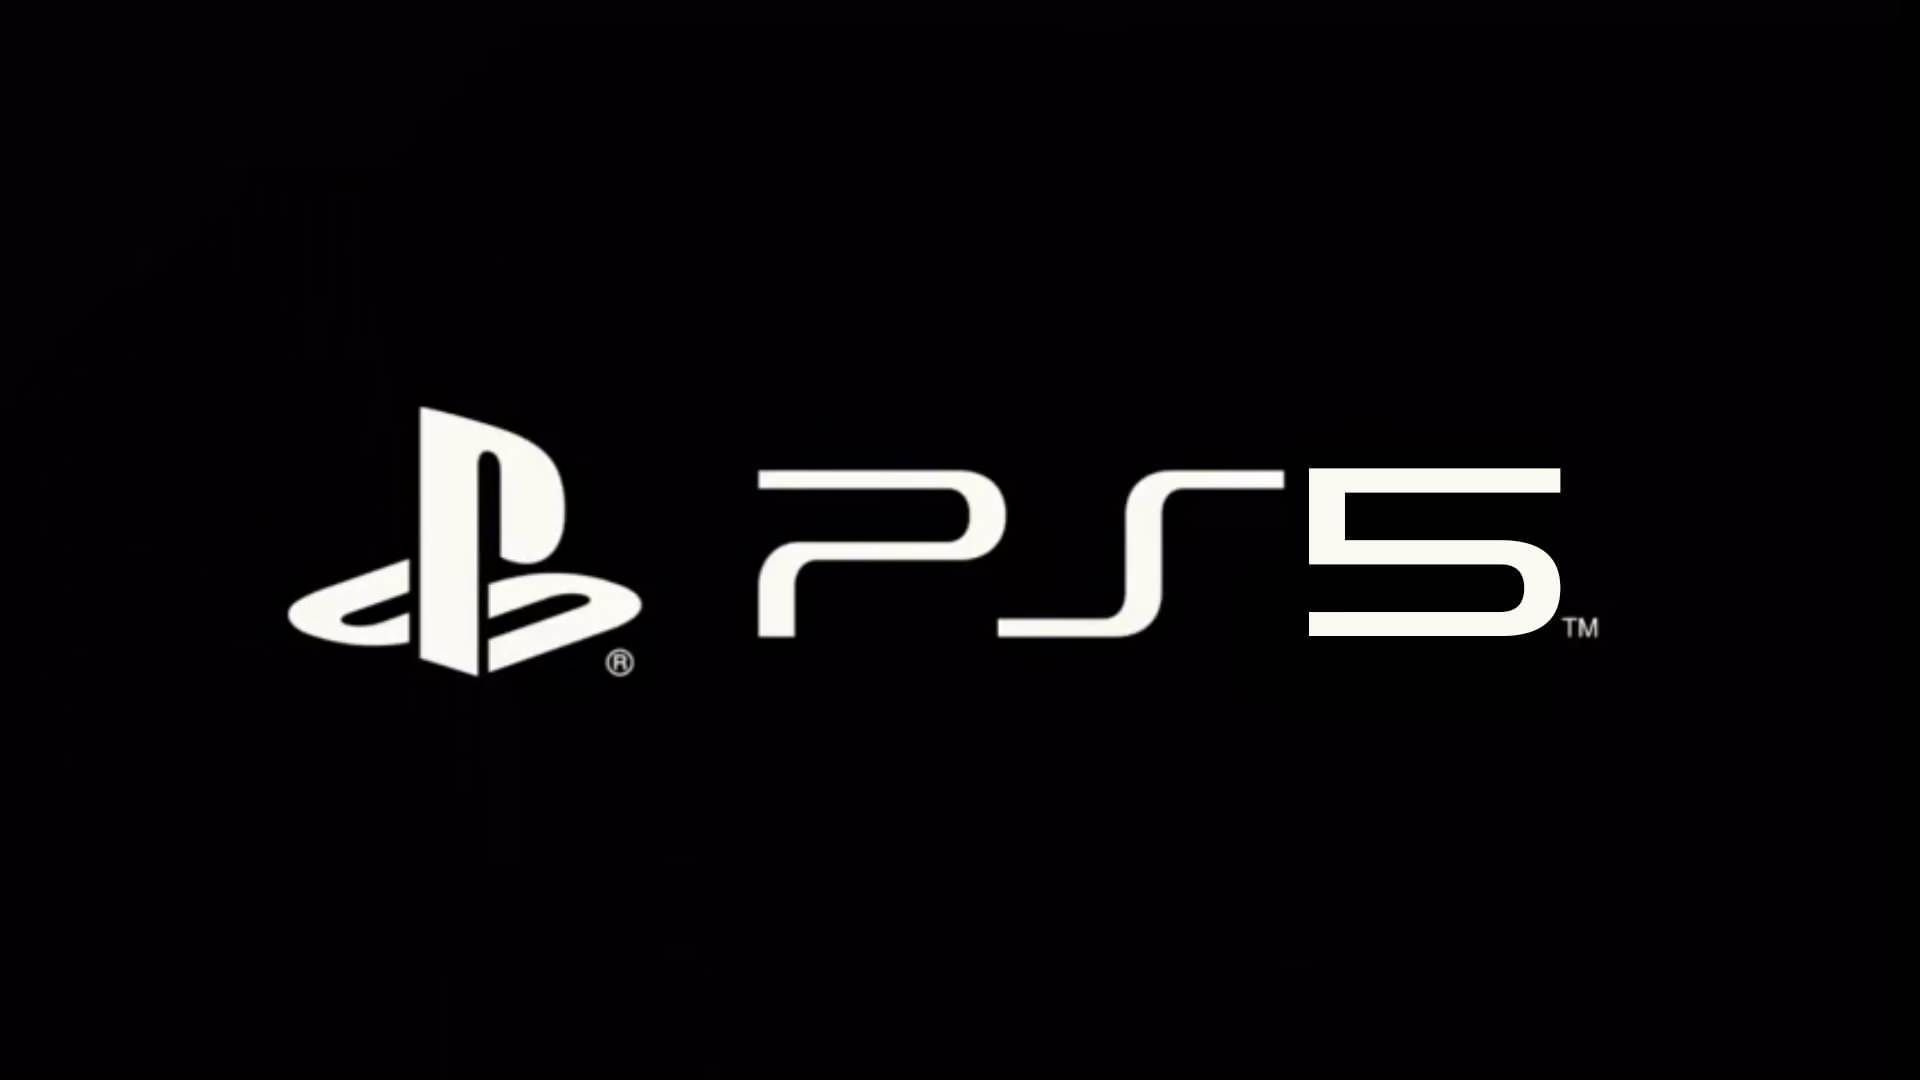 مازالت سوني متكتمة حول جهاز بلايستيشن 5 الذي تنتظره الاغلبية و لكن حتى يتم كسر هذا الصمت اليك خبر جديد عن جهاز سون Playstation Online Video Games Playstation 5